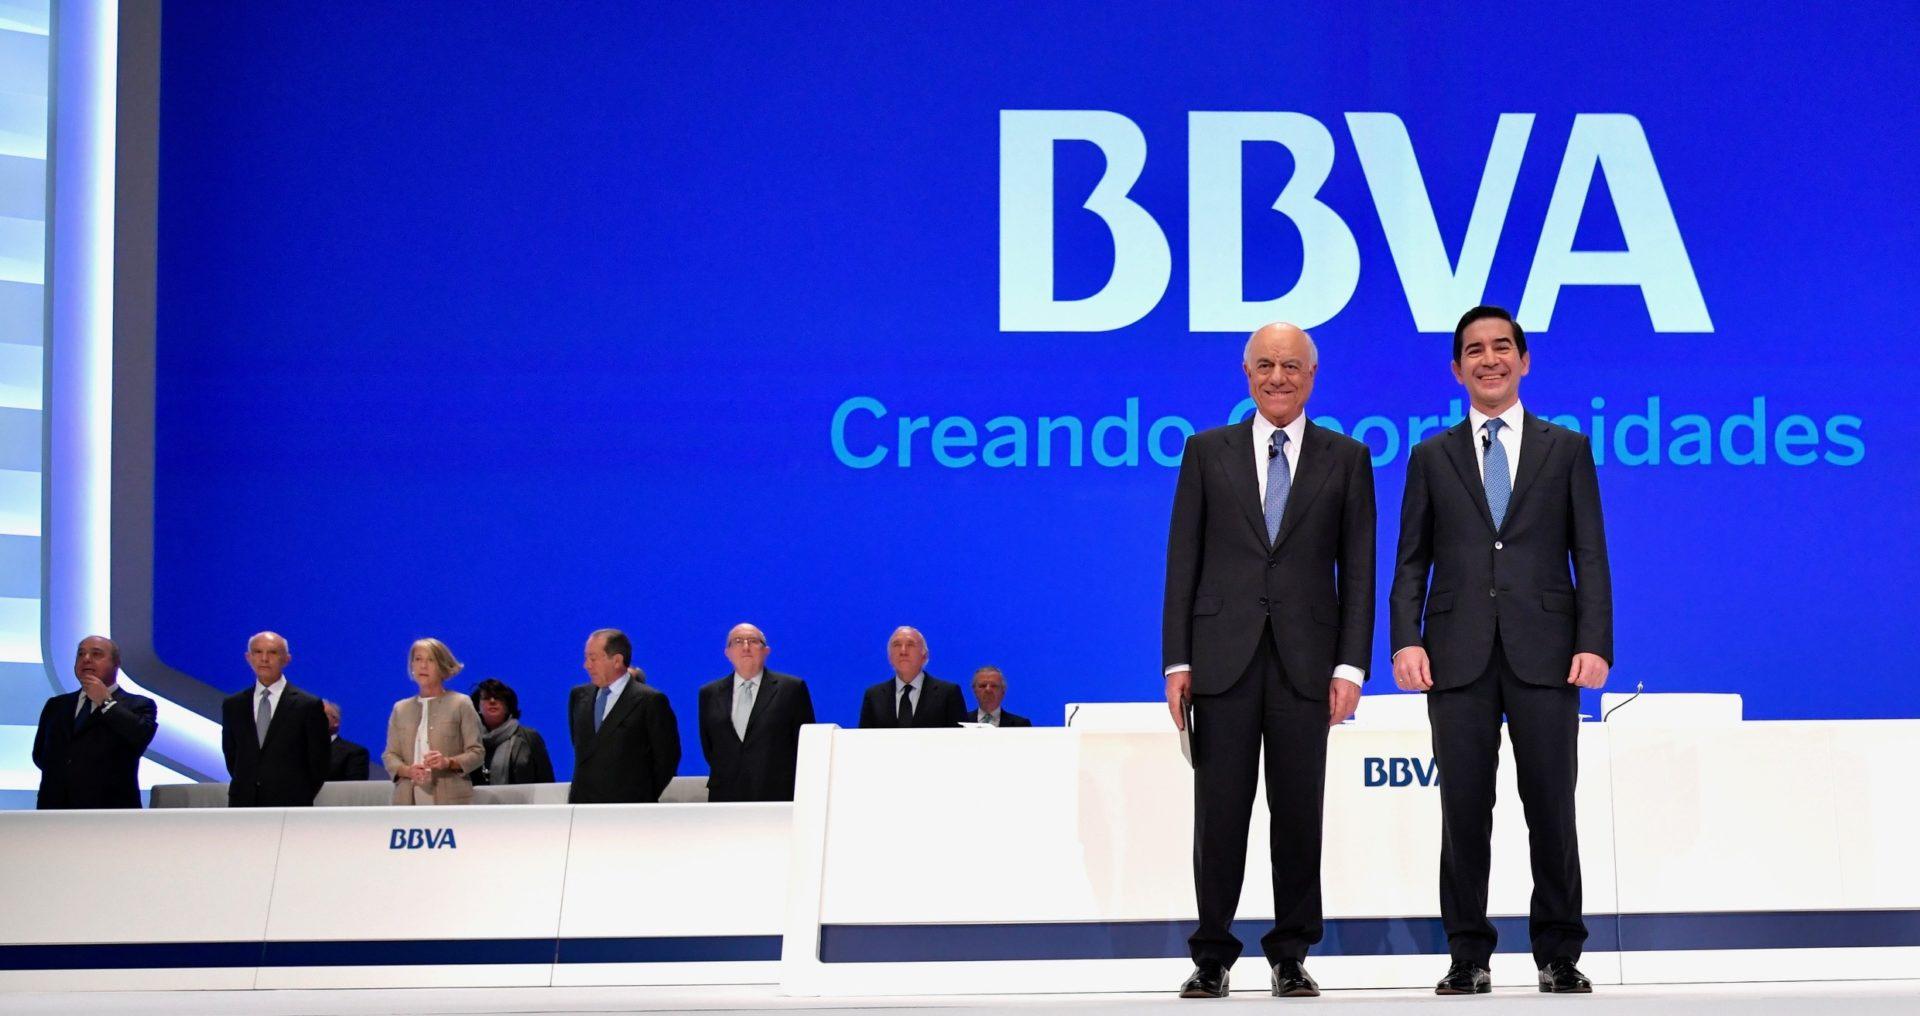 bbva-01.jpg